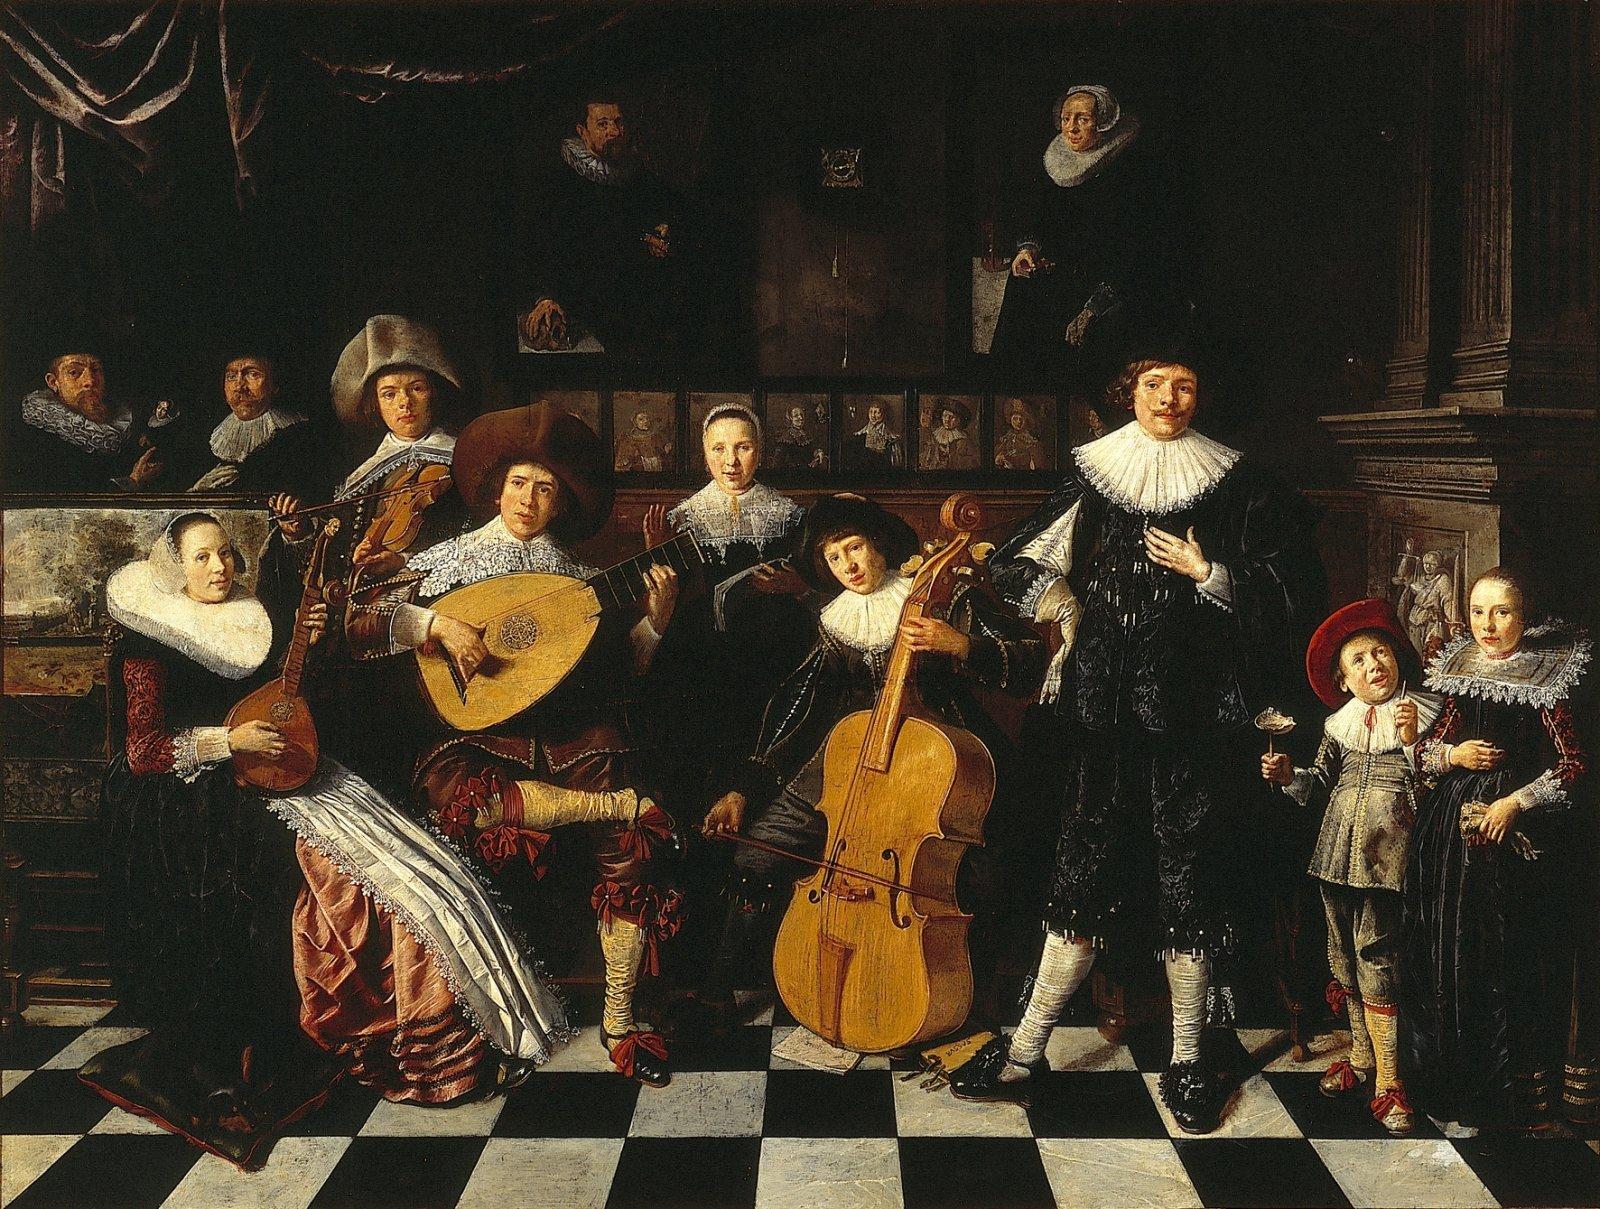 Zelfportret van Jan Miense Molenaer met zijn familie